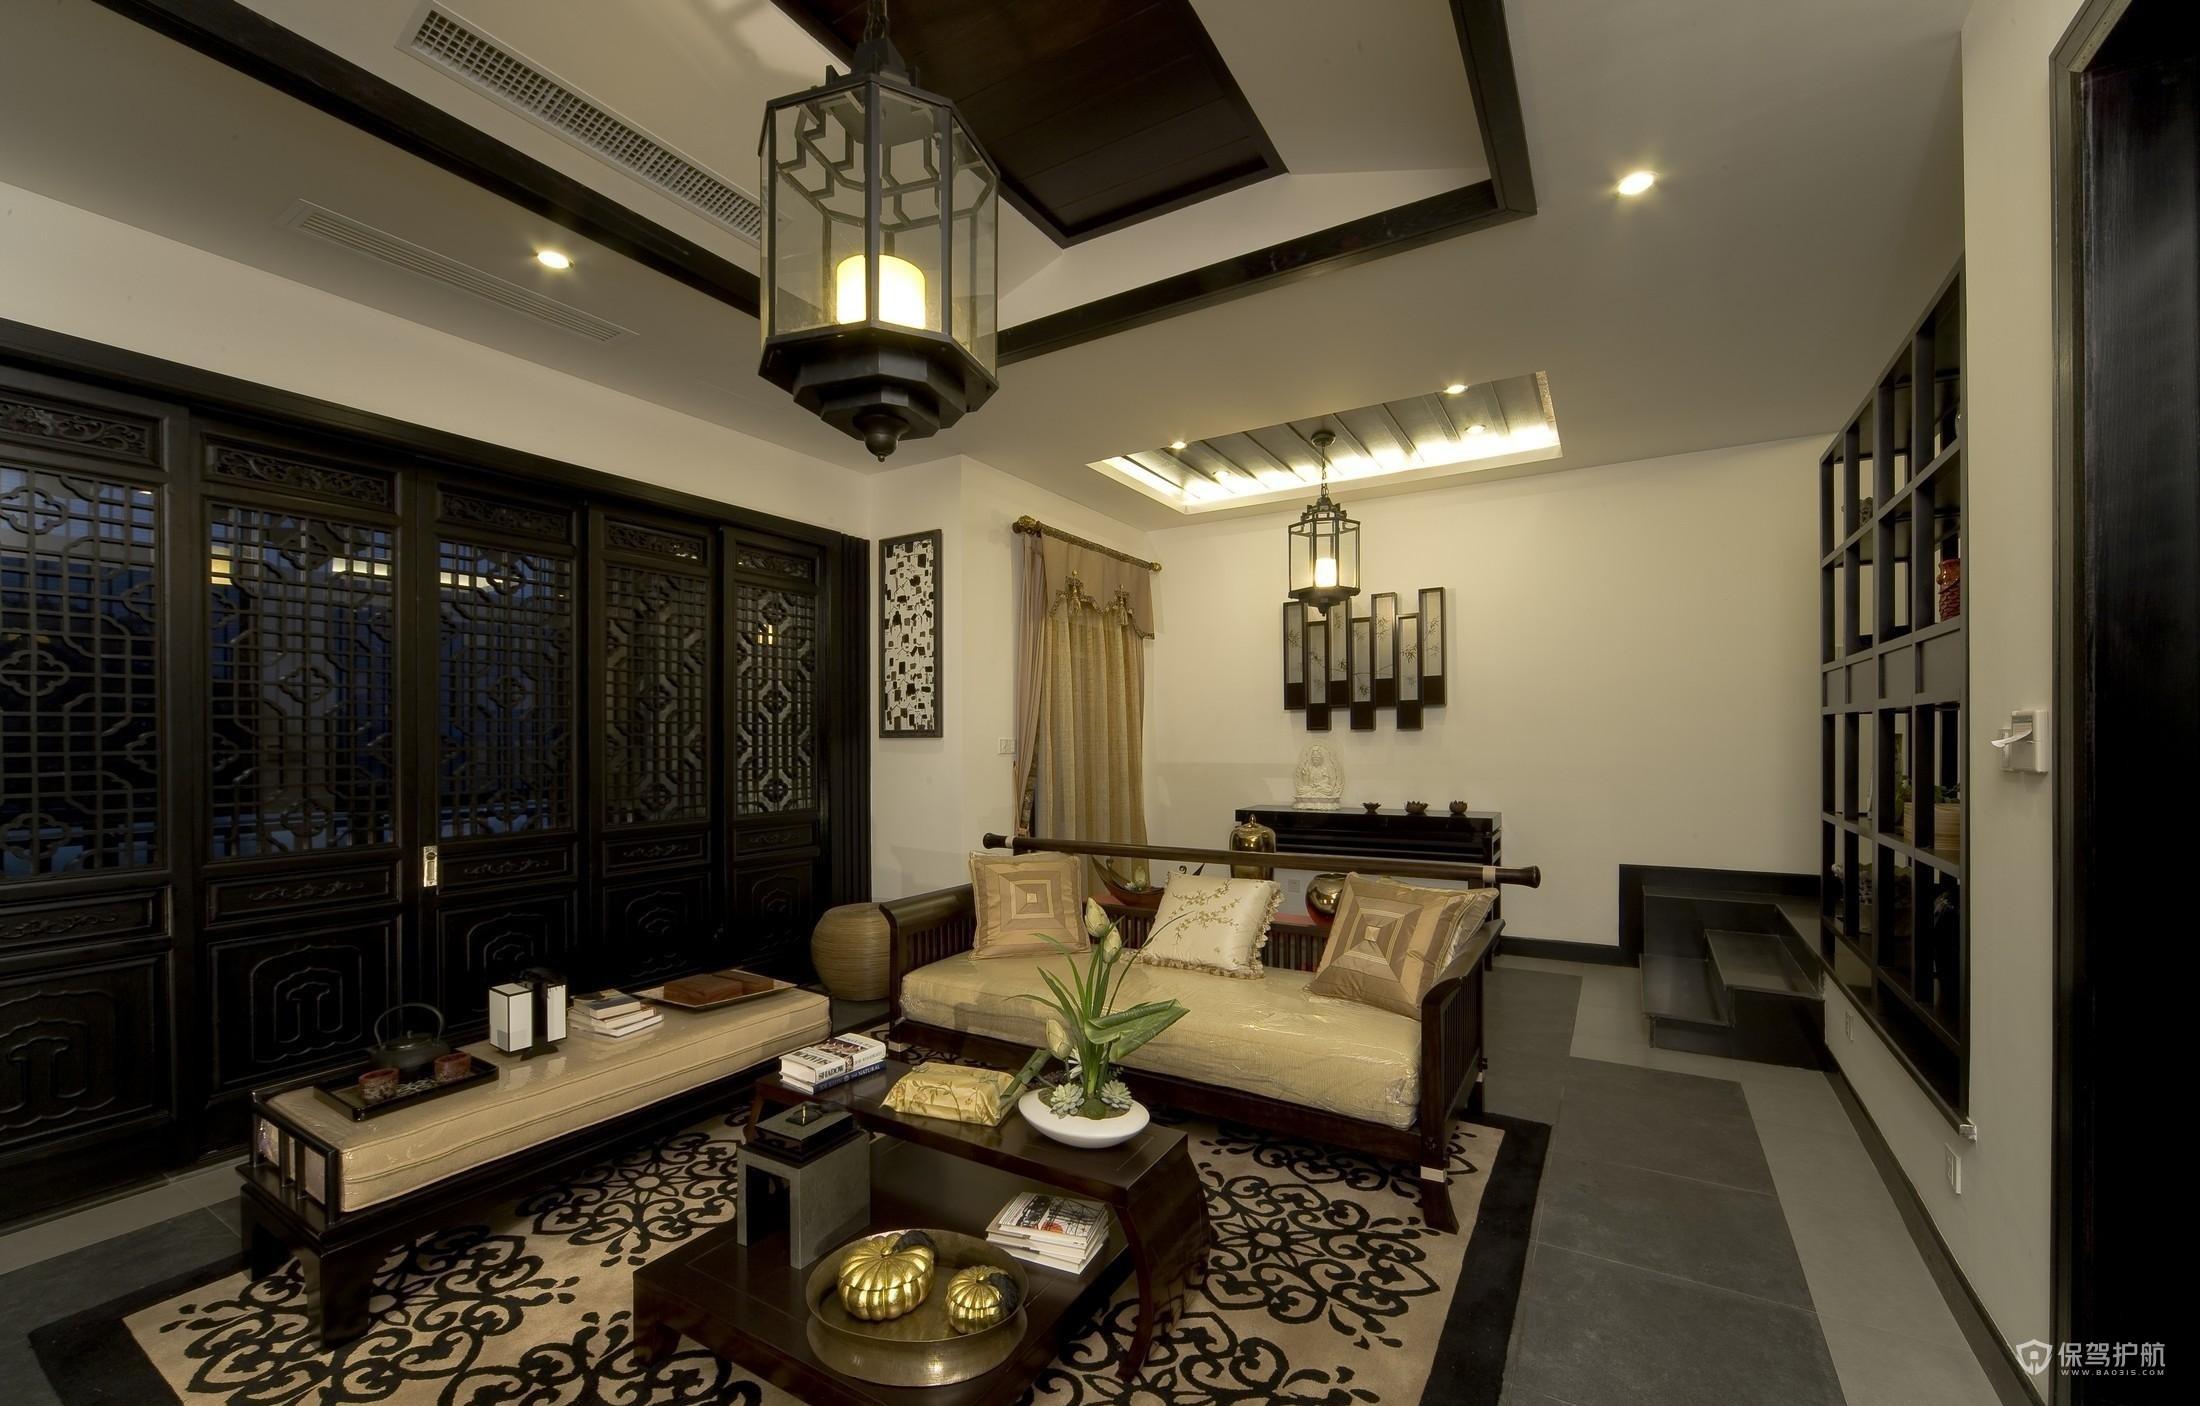 中式风格明清风格别墅客厅装修效果图…